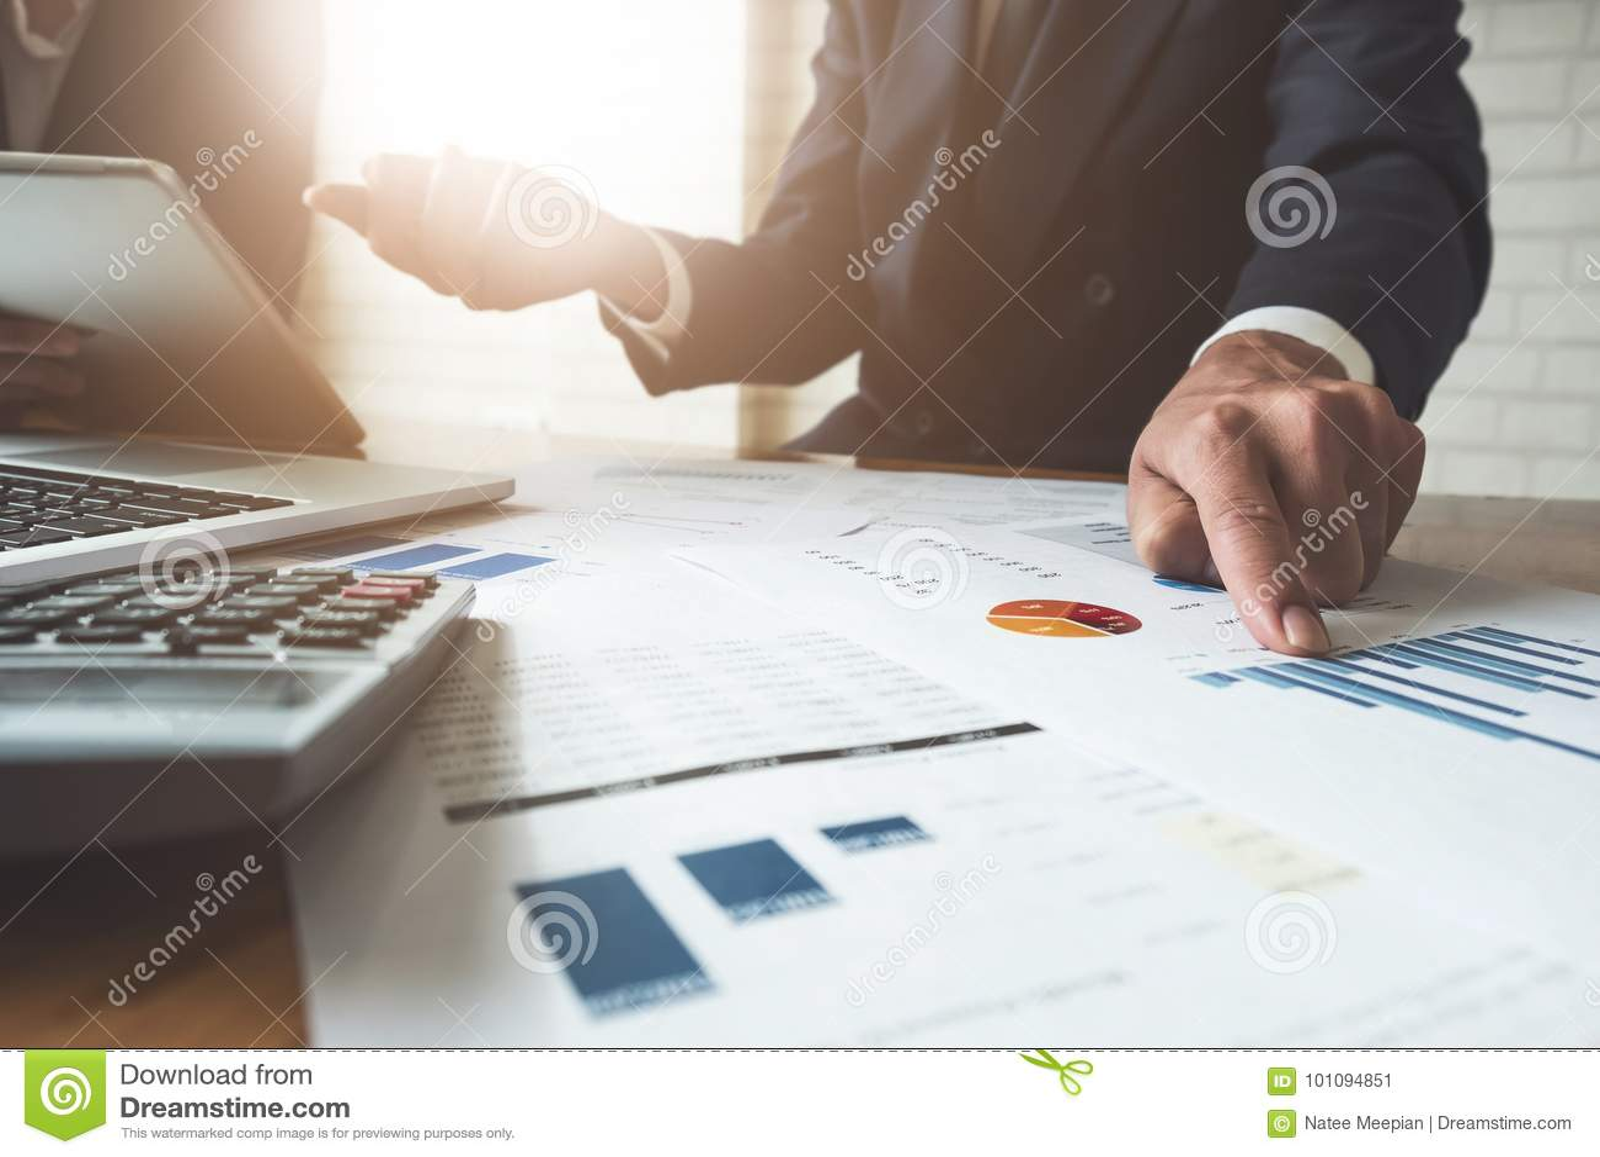 Bedrijfsmens die op kantoor met laptop en documenten, zaken werken